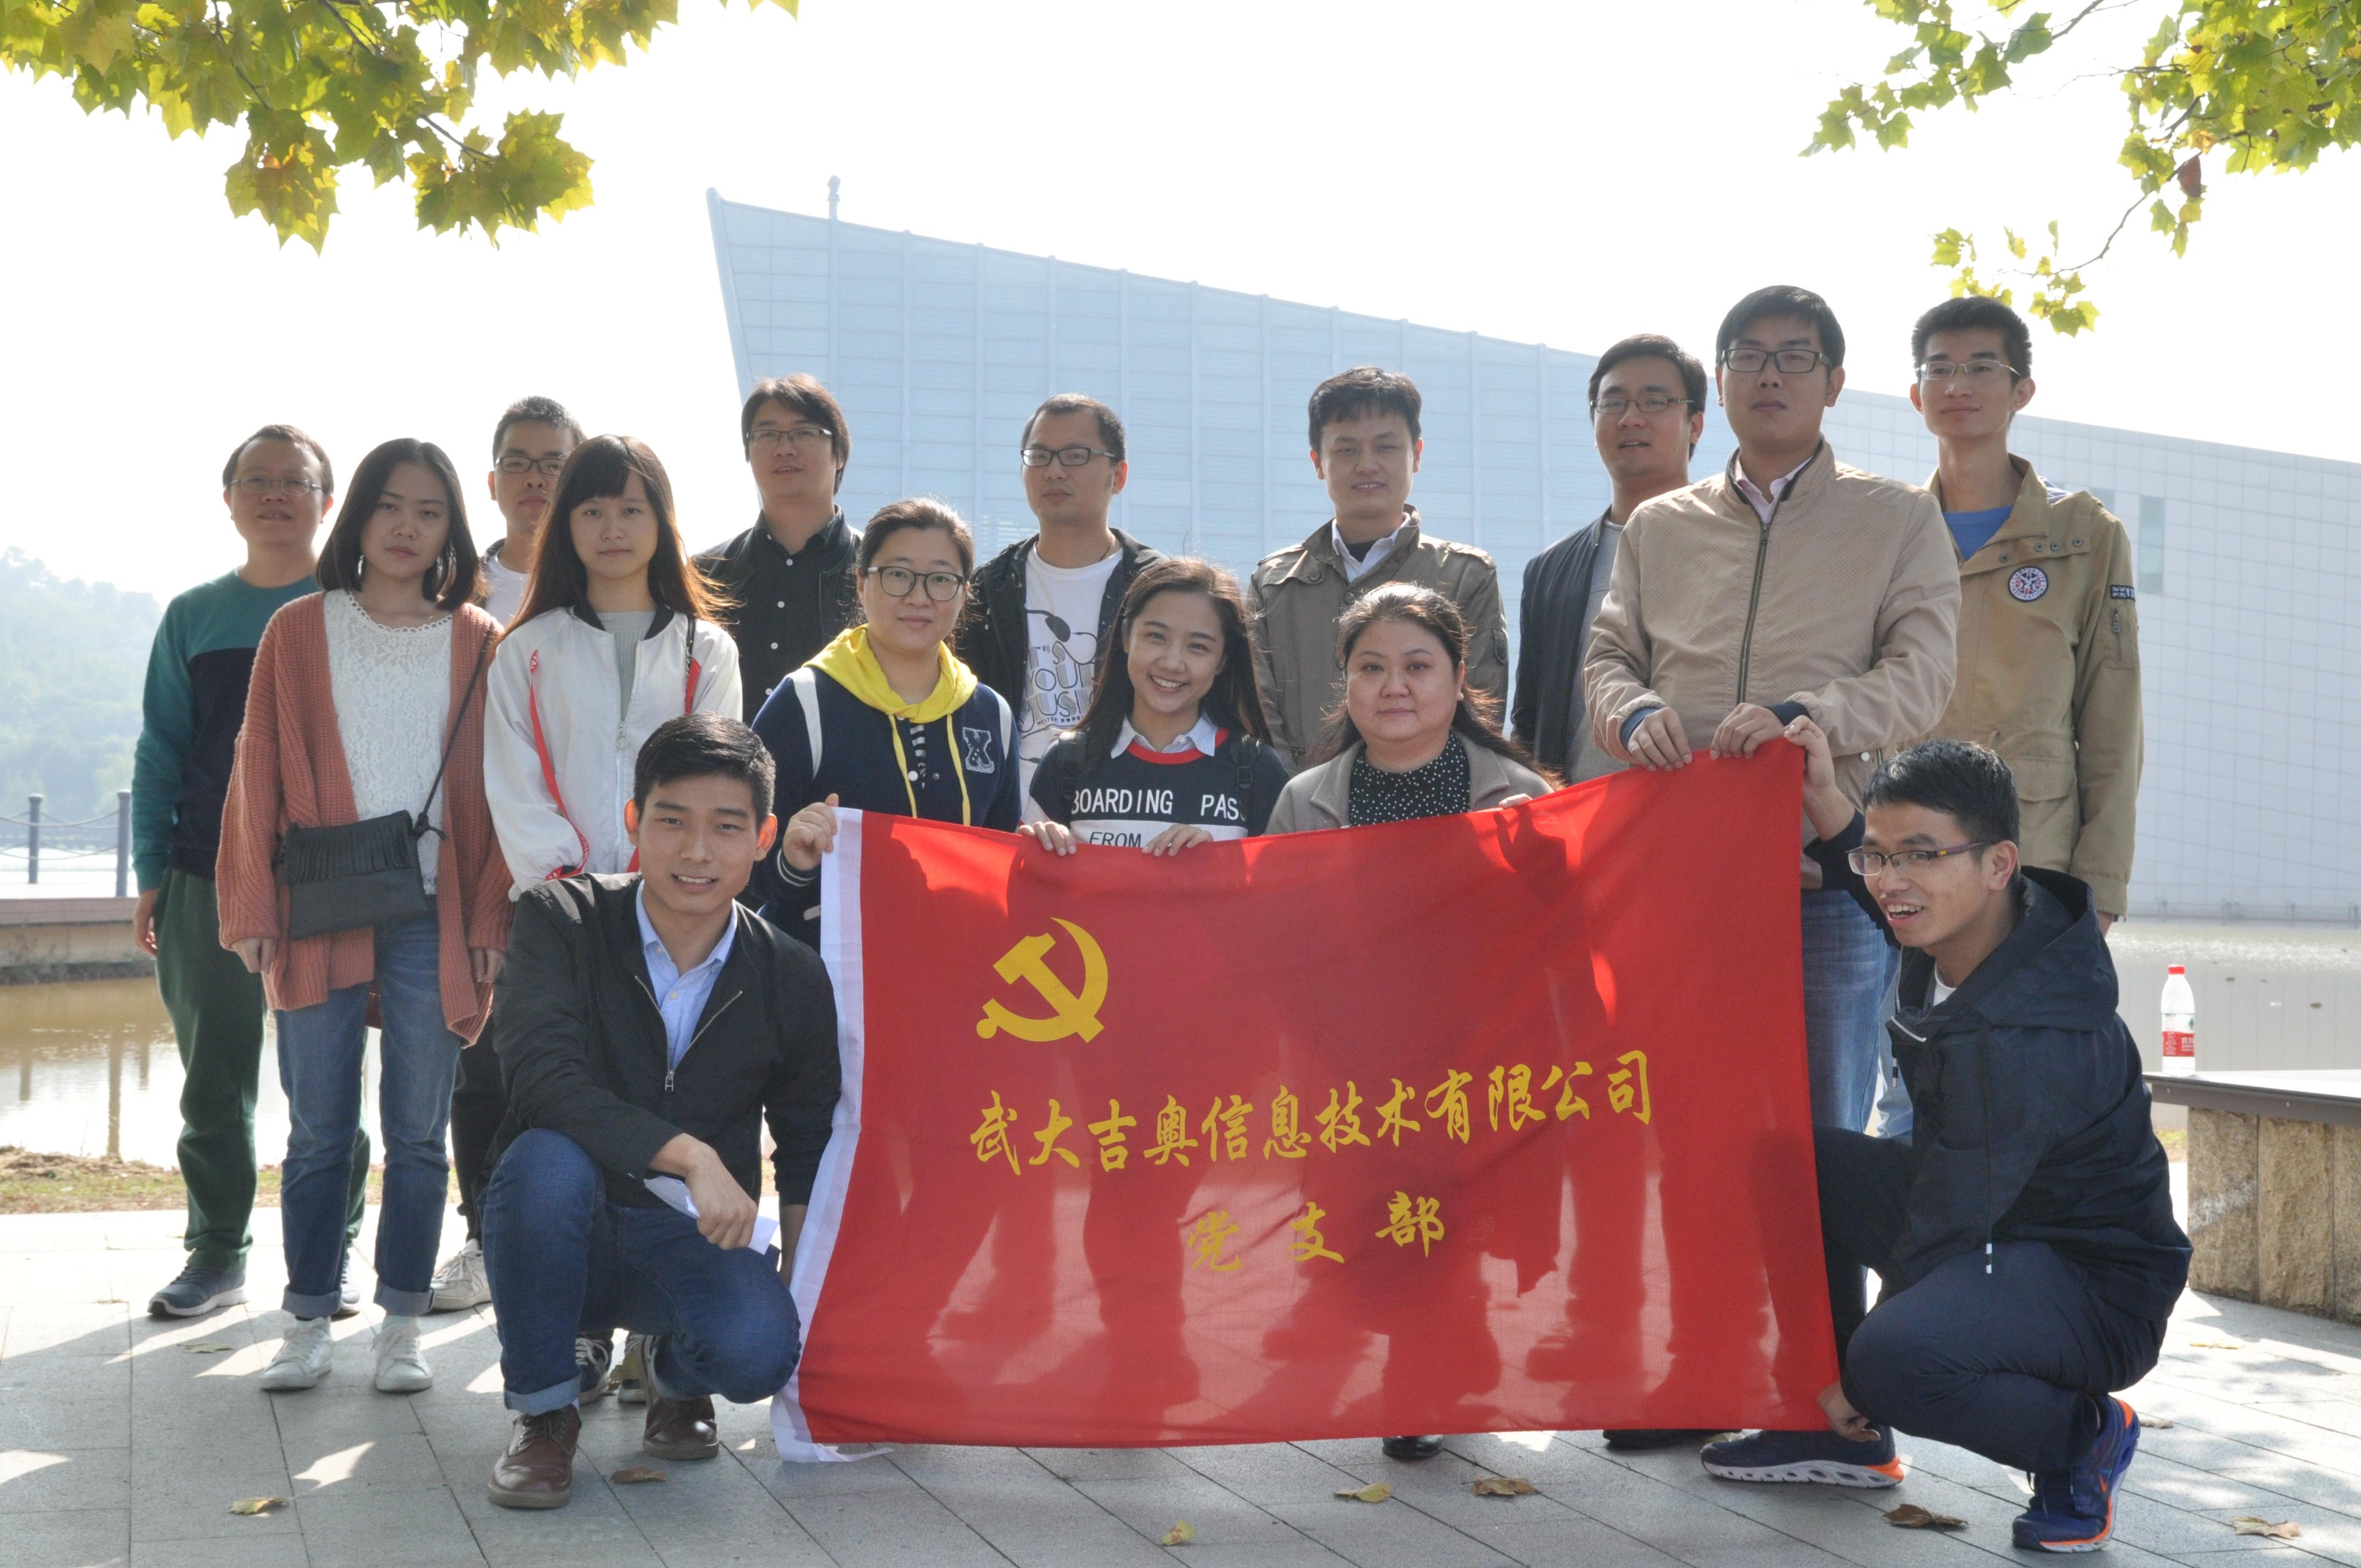 4吉奧黨支部-那天,我們在黨旗下宣誓,忠于人民,不忘初心。